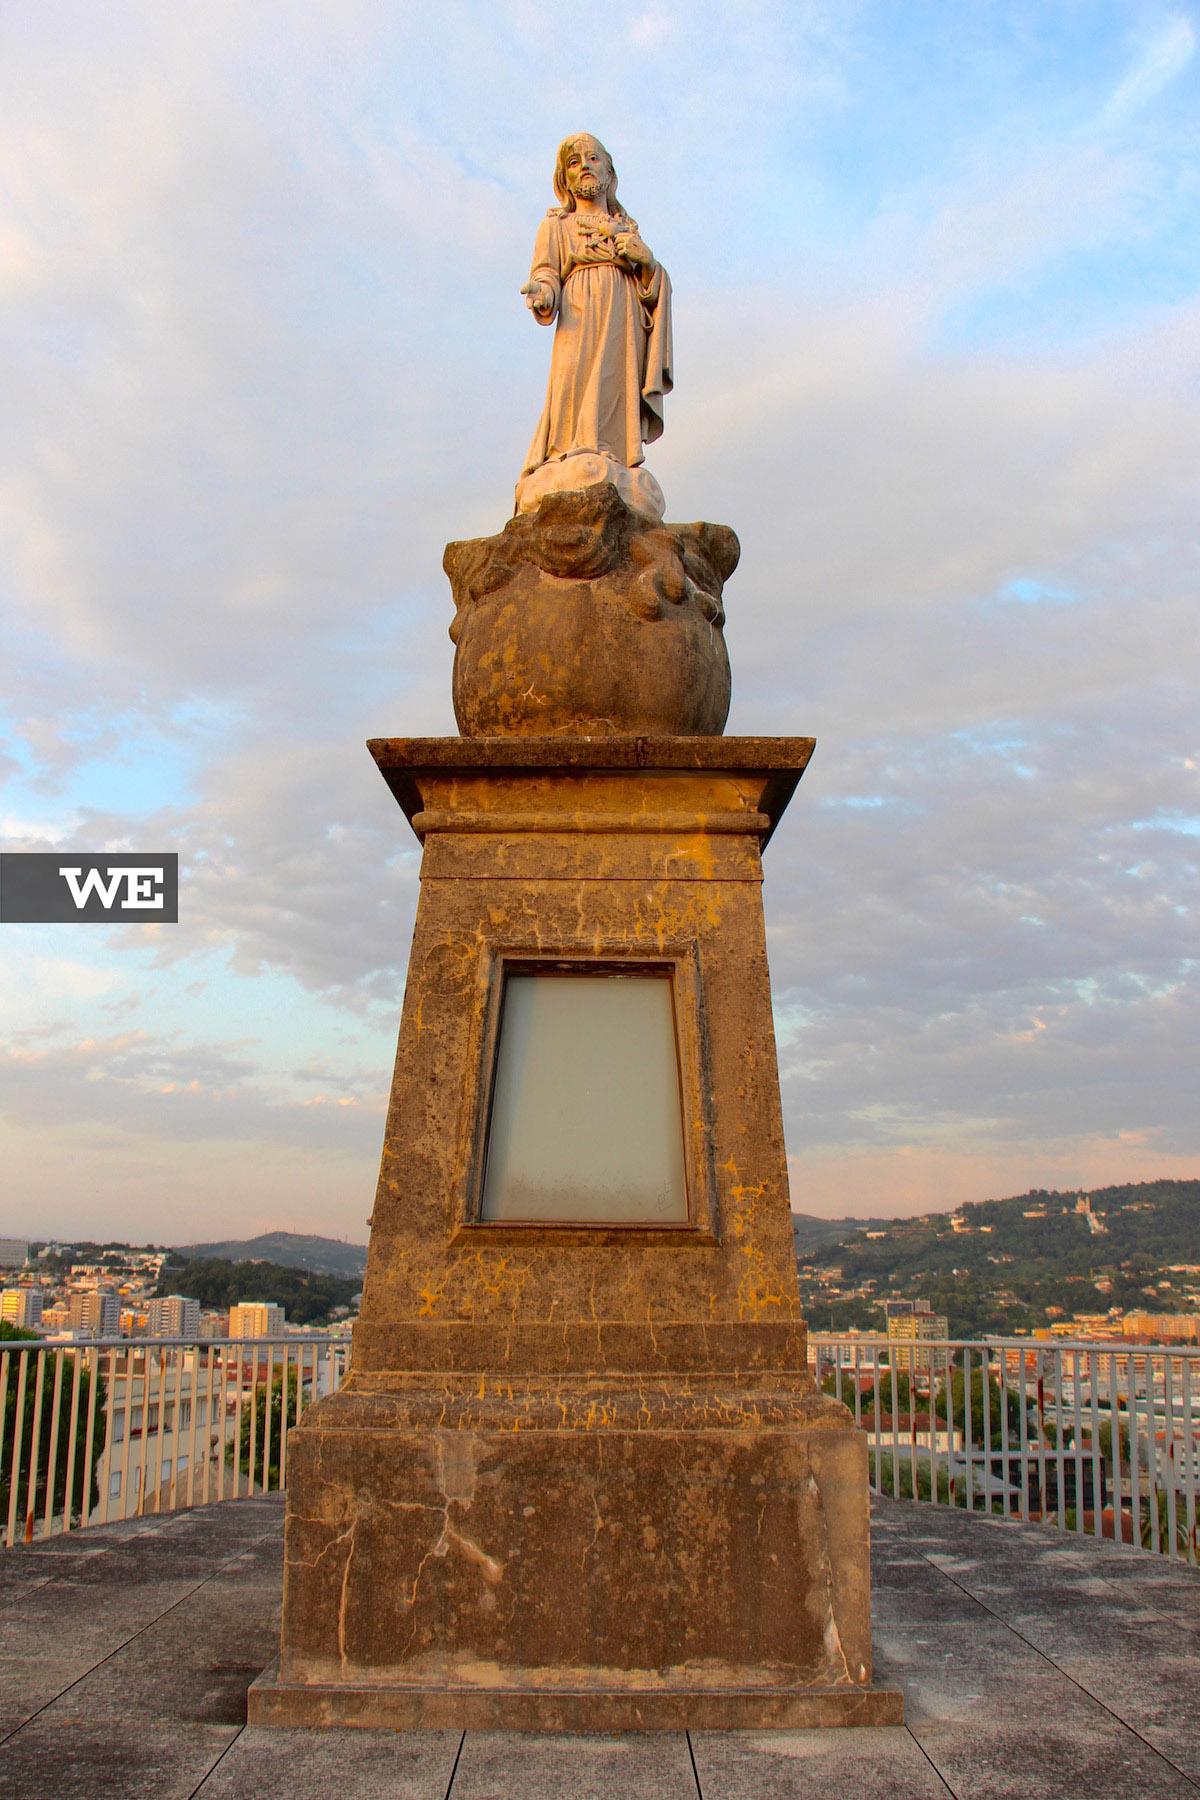 we-braga-miradouro-sagrado-coracao-jesus-11